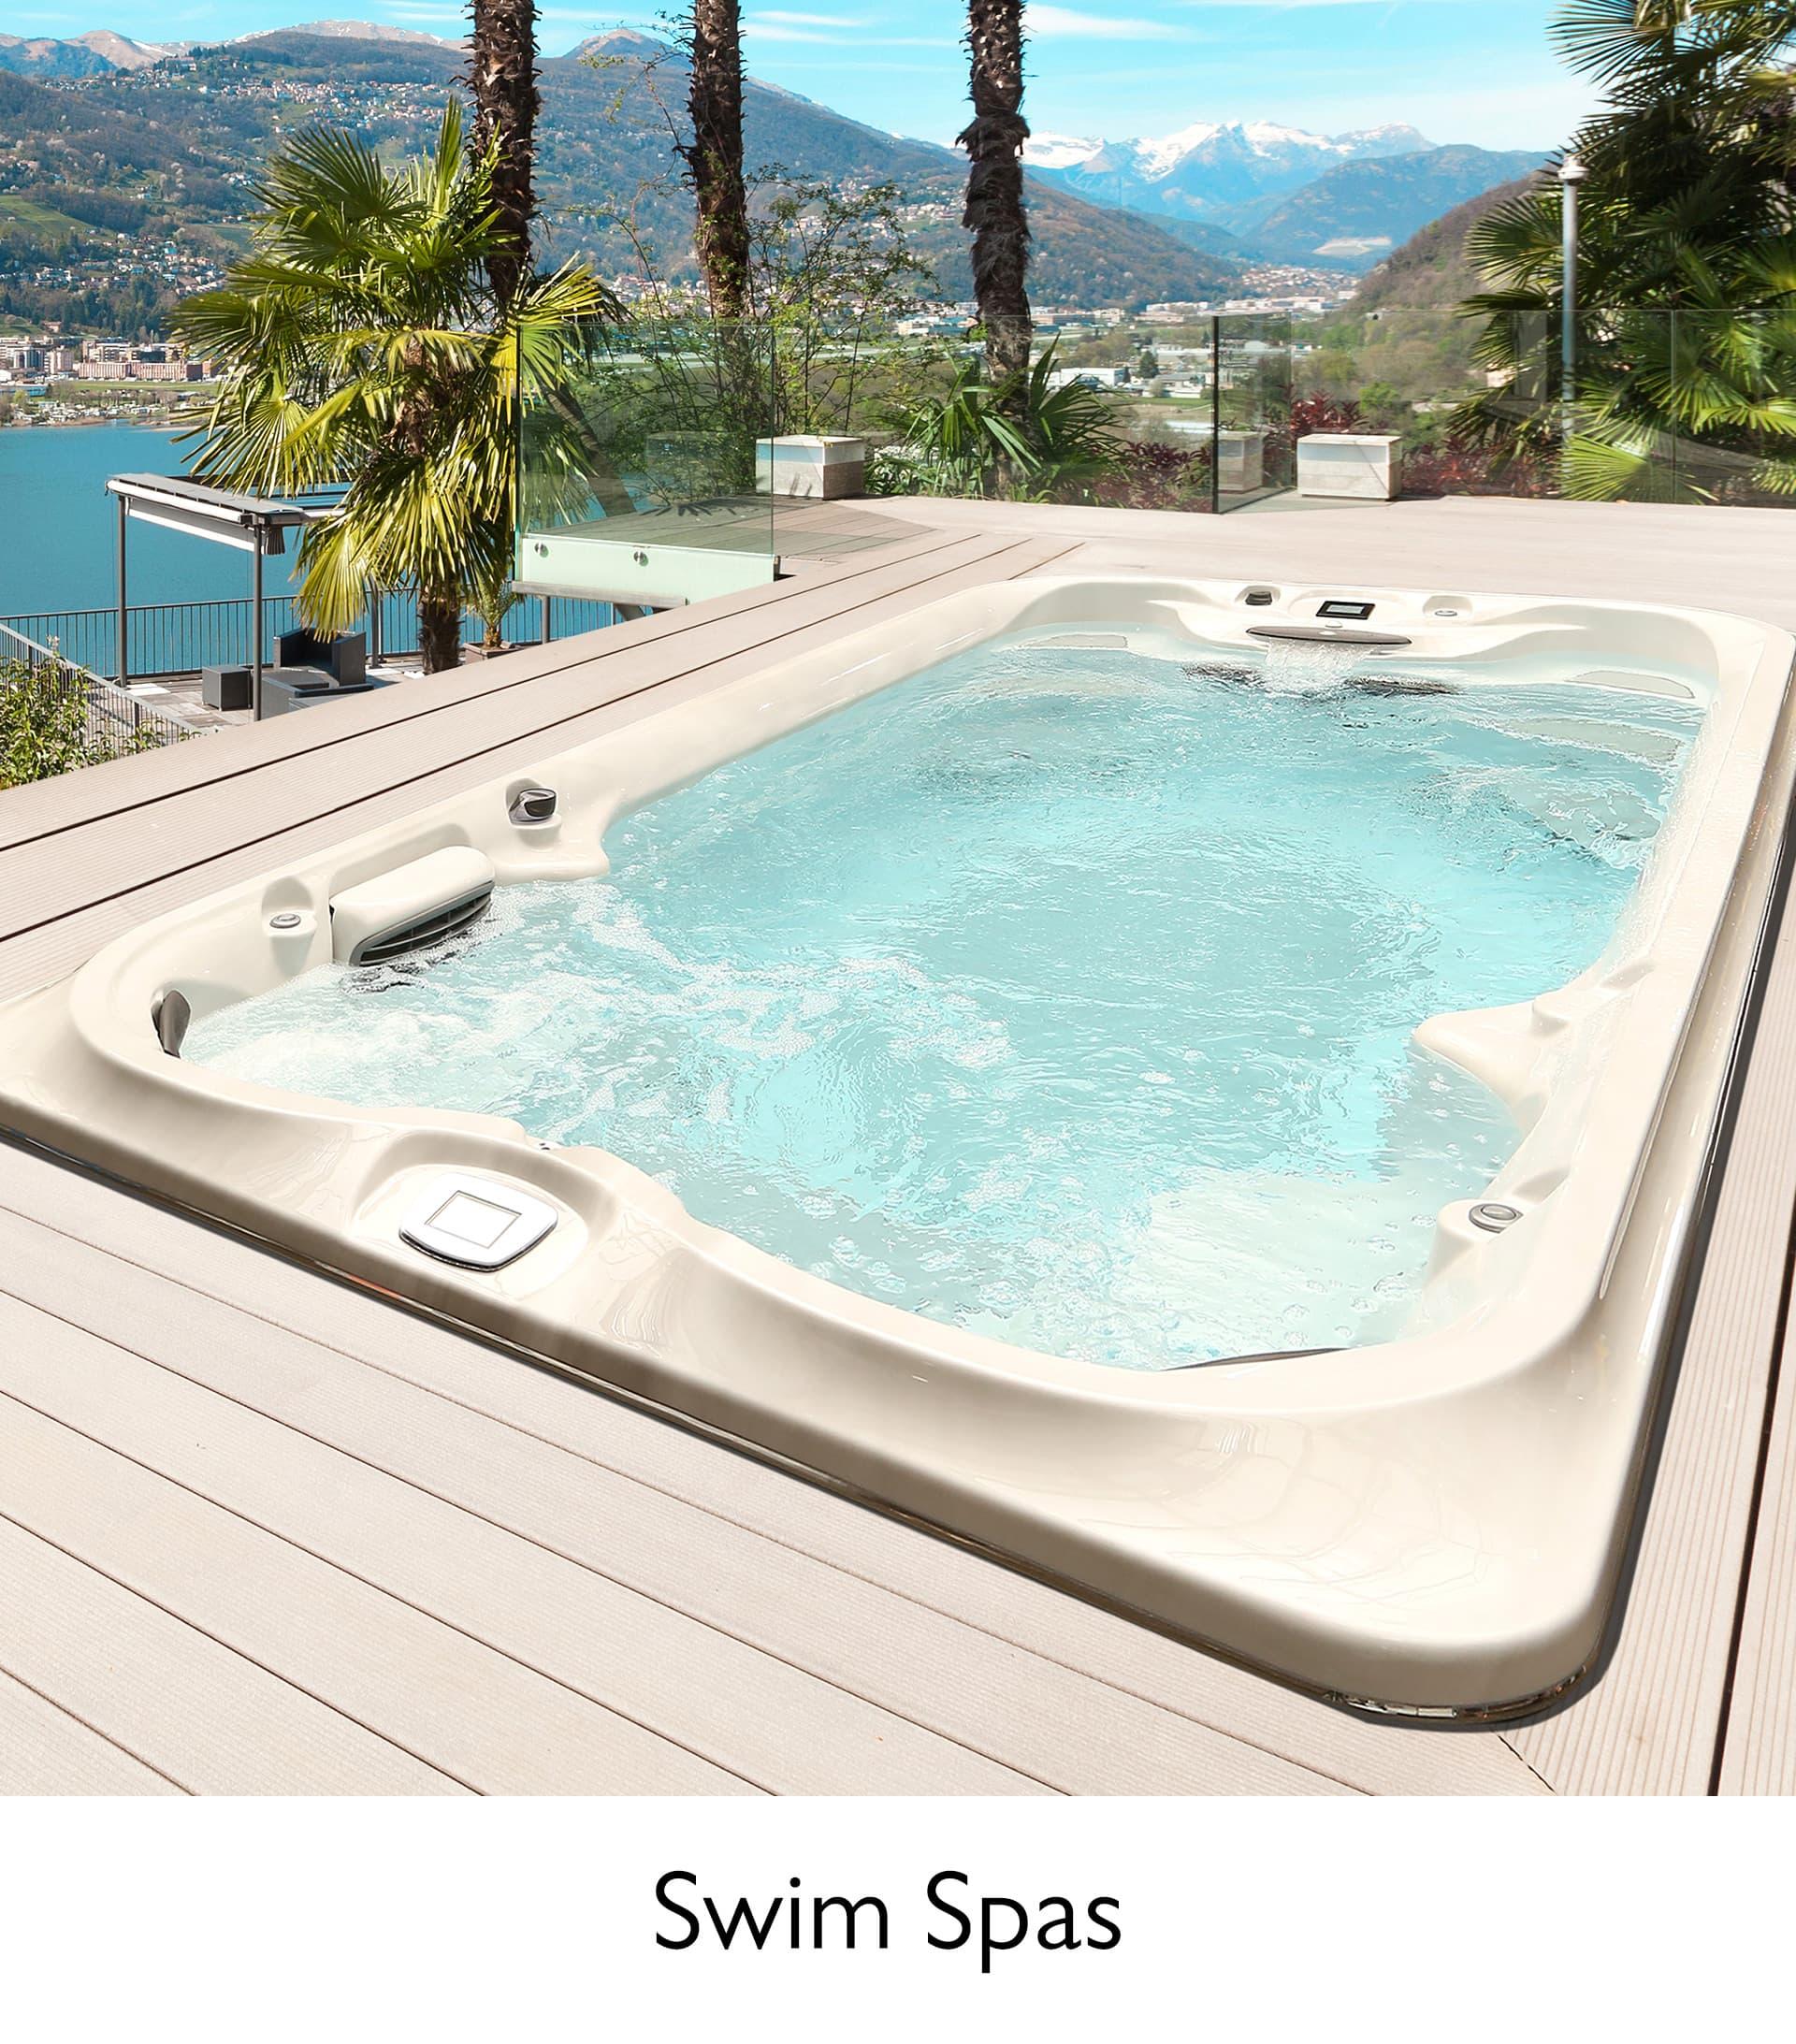 Swim Spas Jacuzzi